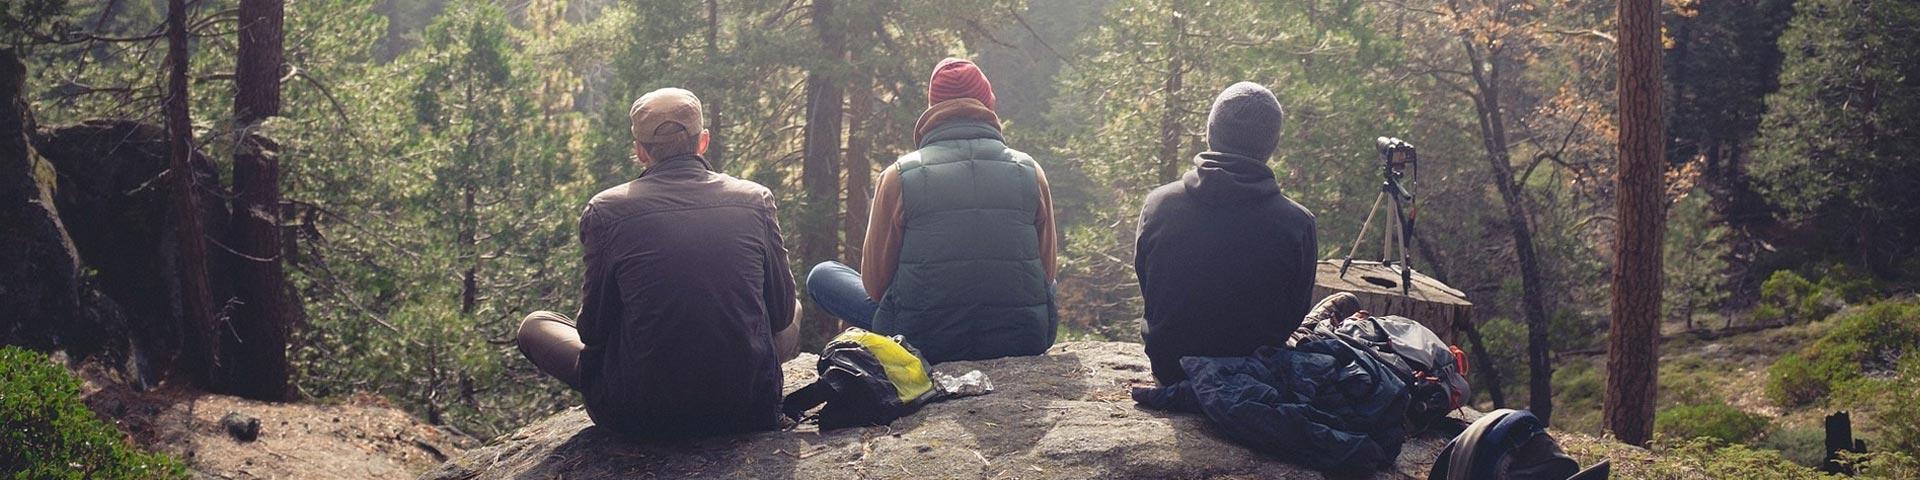 Gli-avventurieri-del-bosco-l'alchimista-selvatico-e-i-5-insegnamenti_WildWisdom_Blog